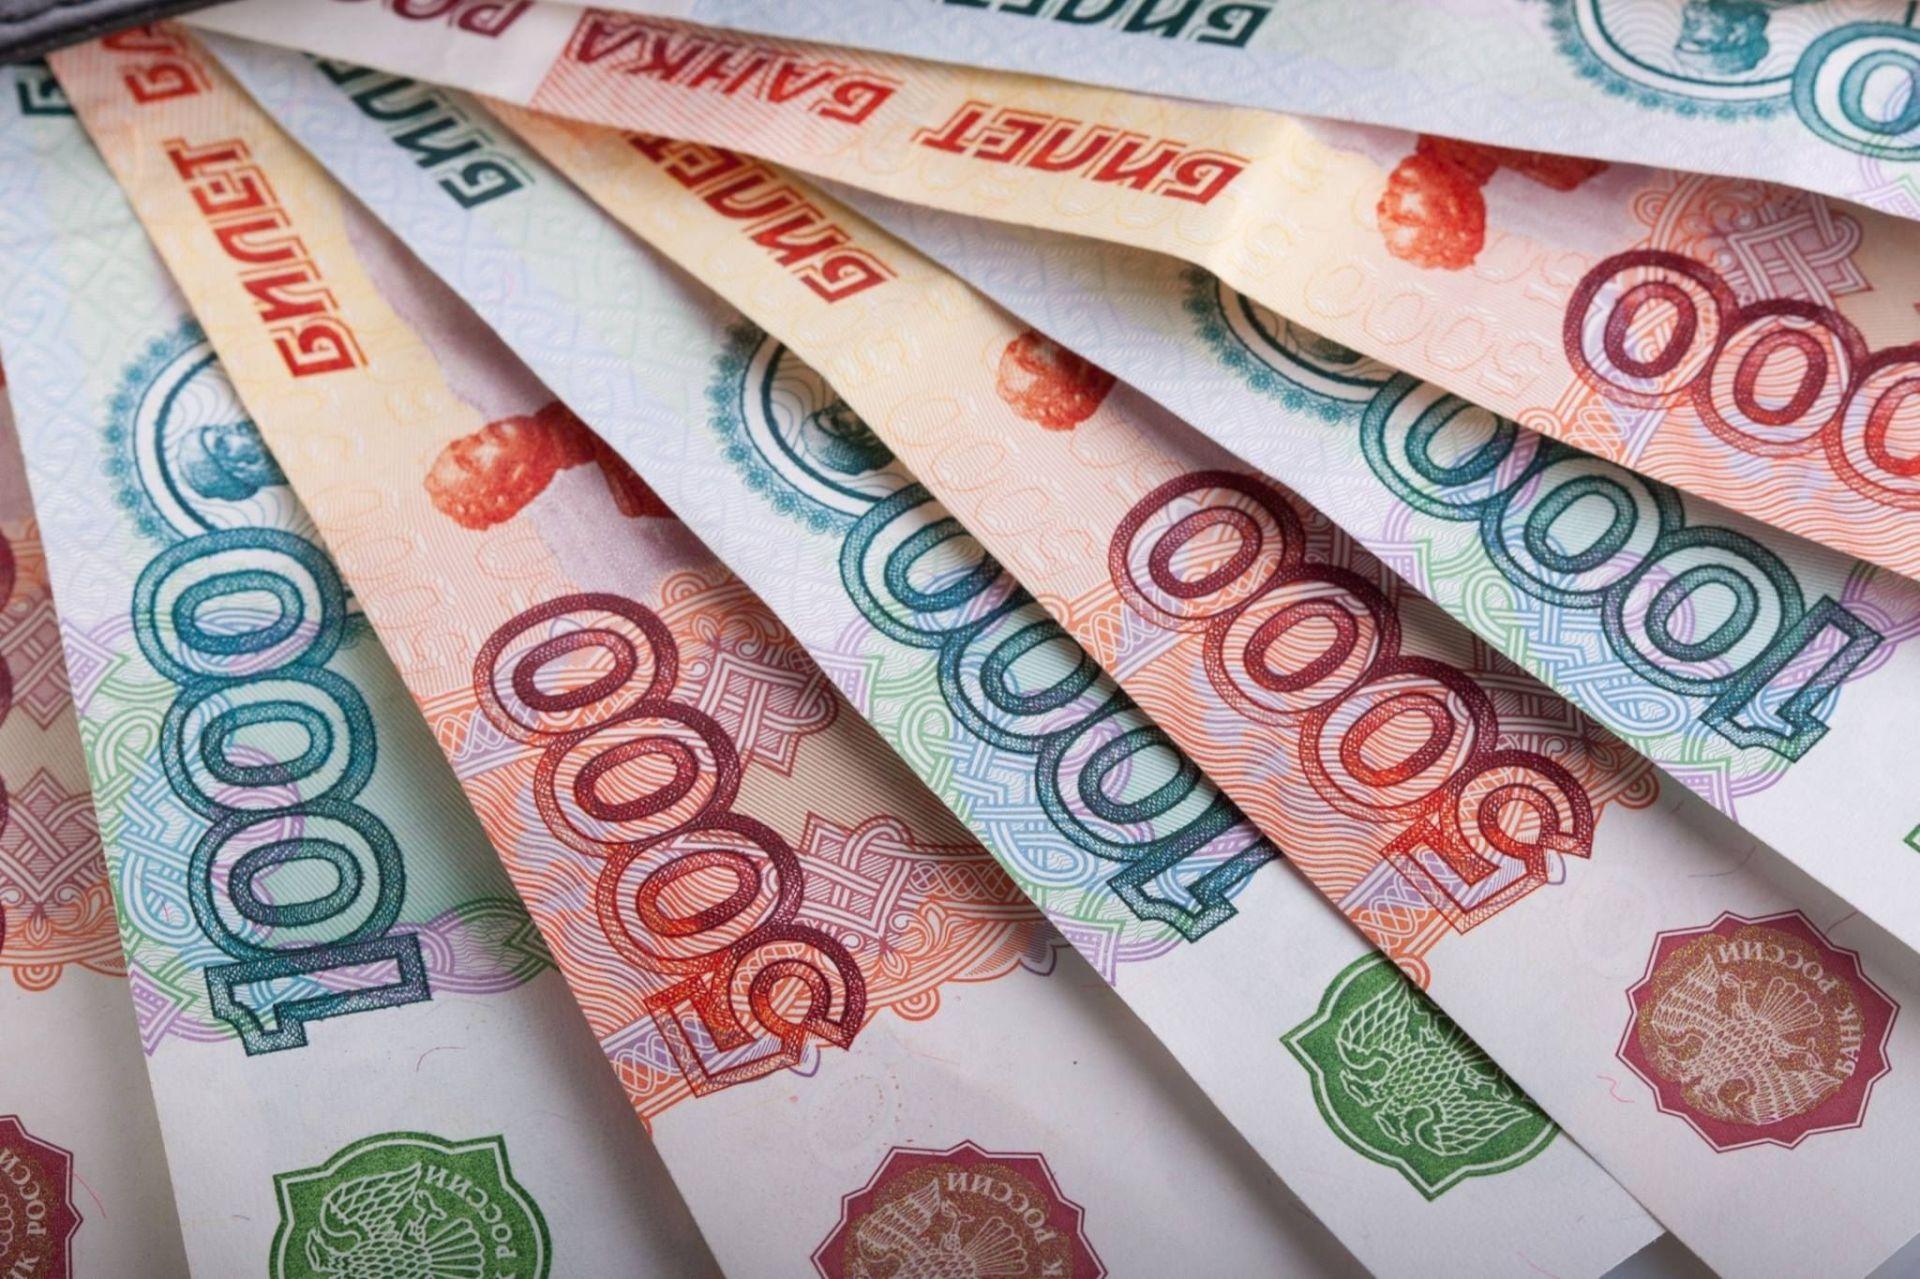 Курянам 65 лет и старше 3 тысячи рублей за прививку от коронавируса начнут выплачивать к сентябрю